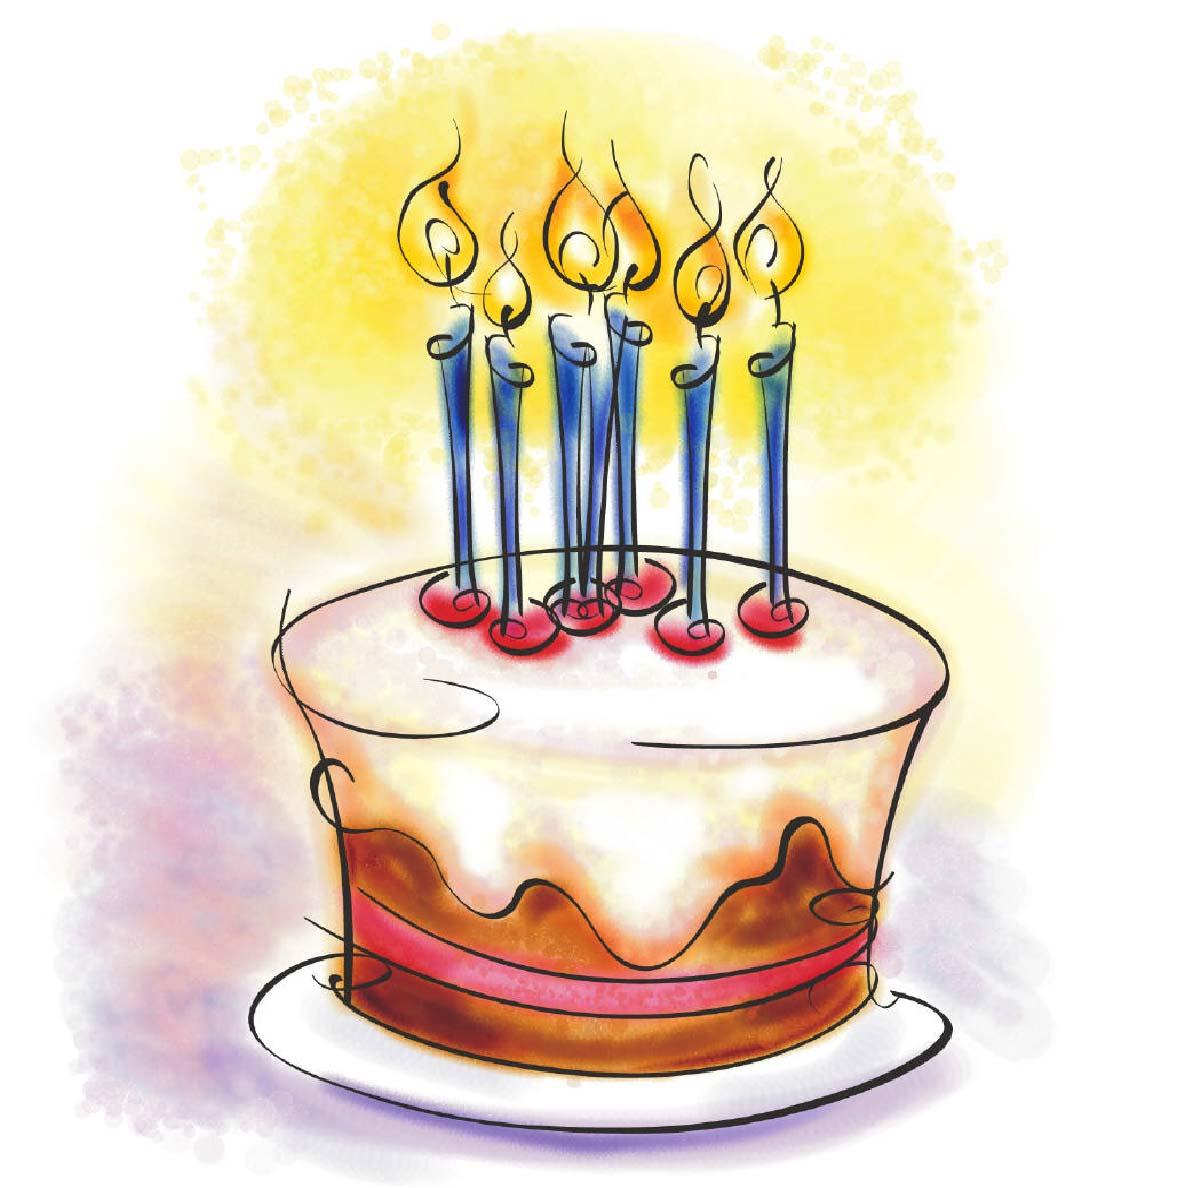 fira en födelsedag Fraidi: tårtkalas fira en födelsedag